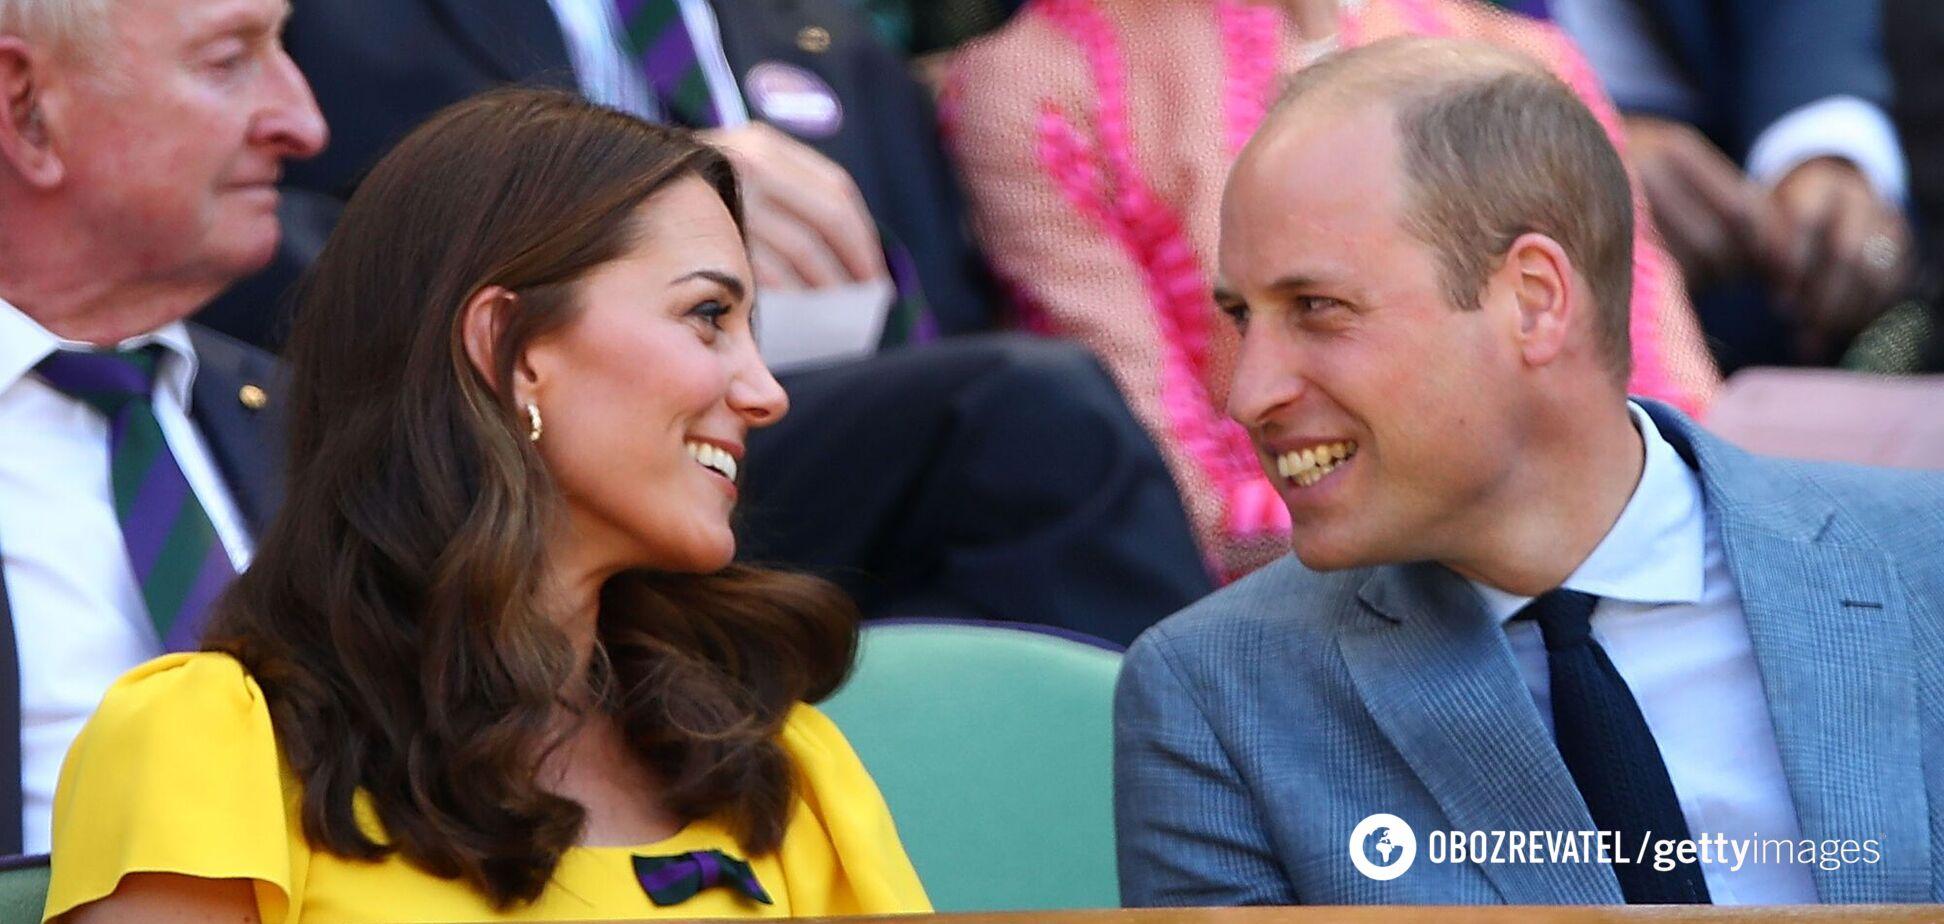 Стали відомі подробиці початку стосунків принца Вільяма і Кейт Міддлтон